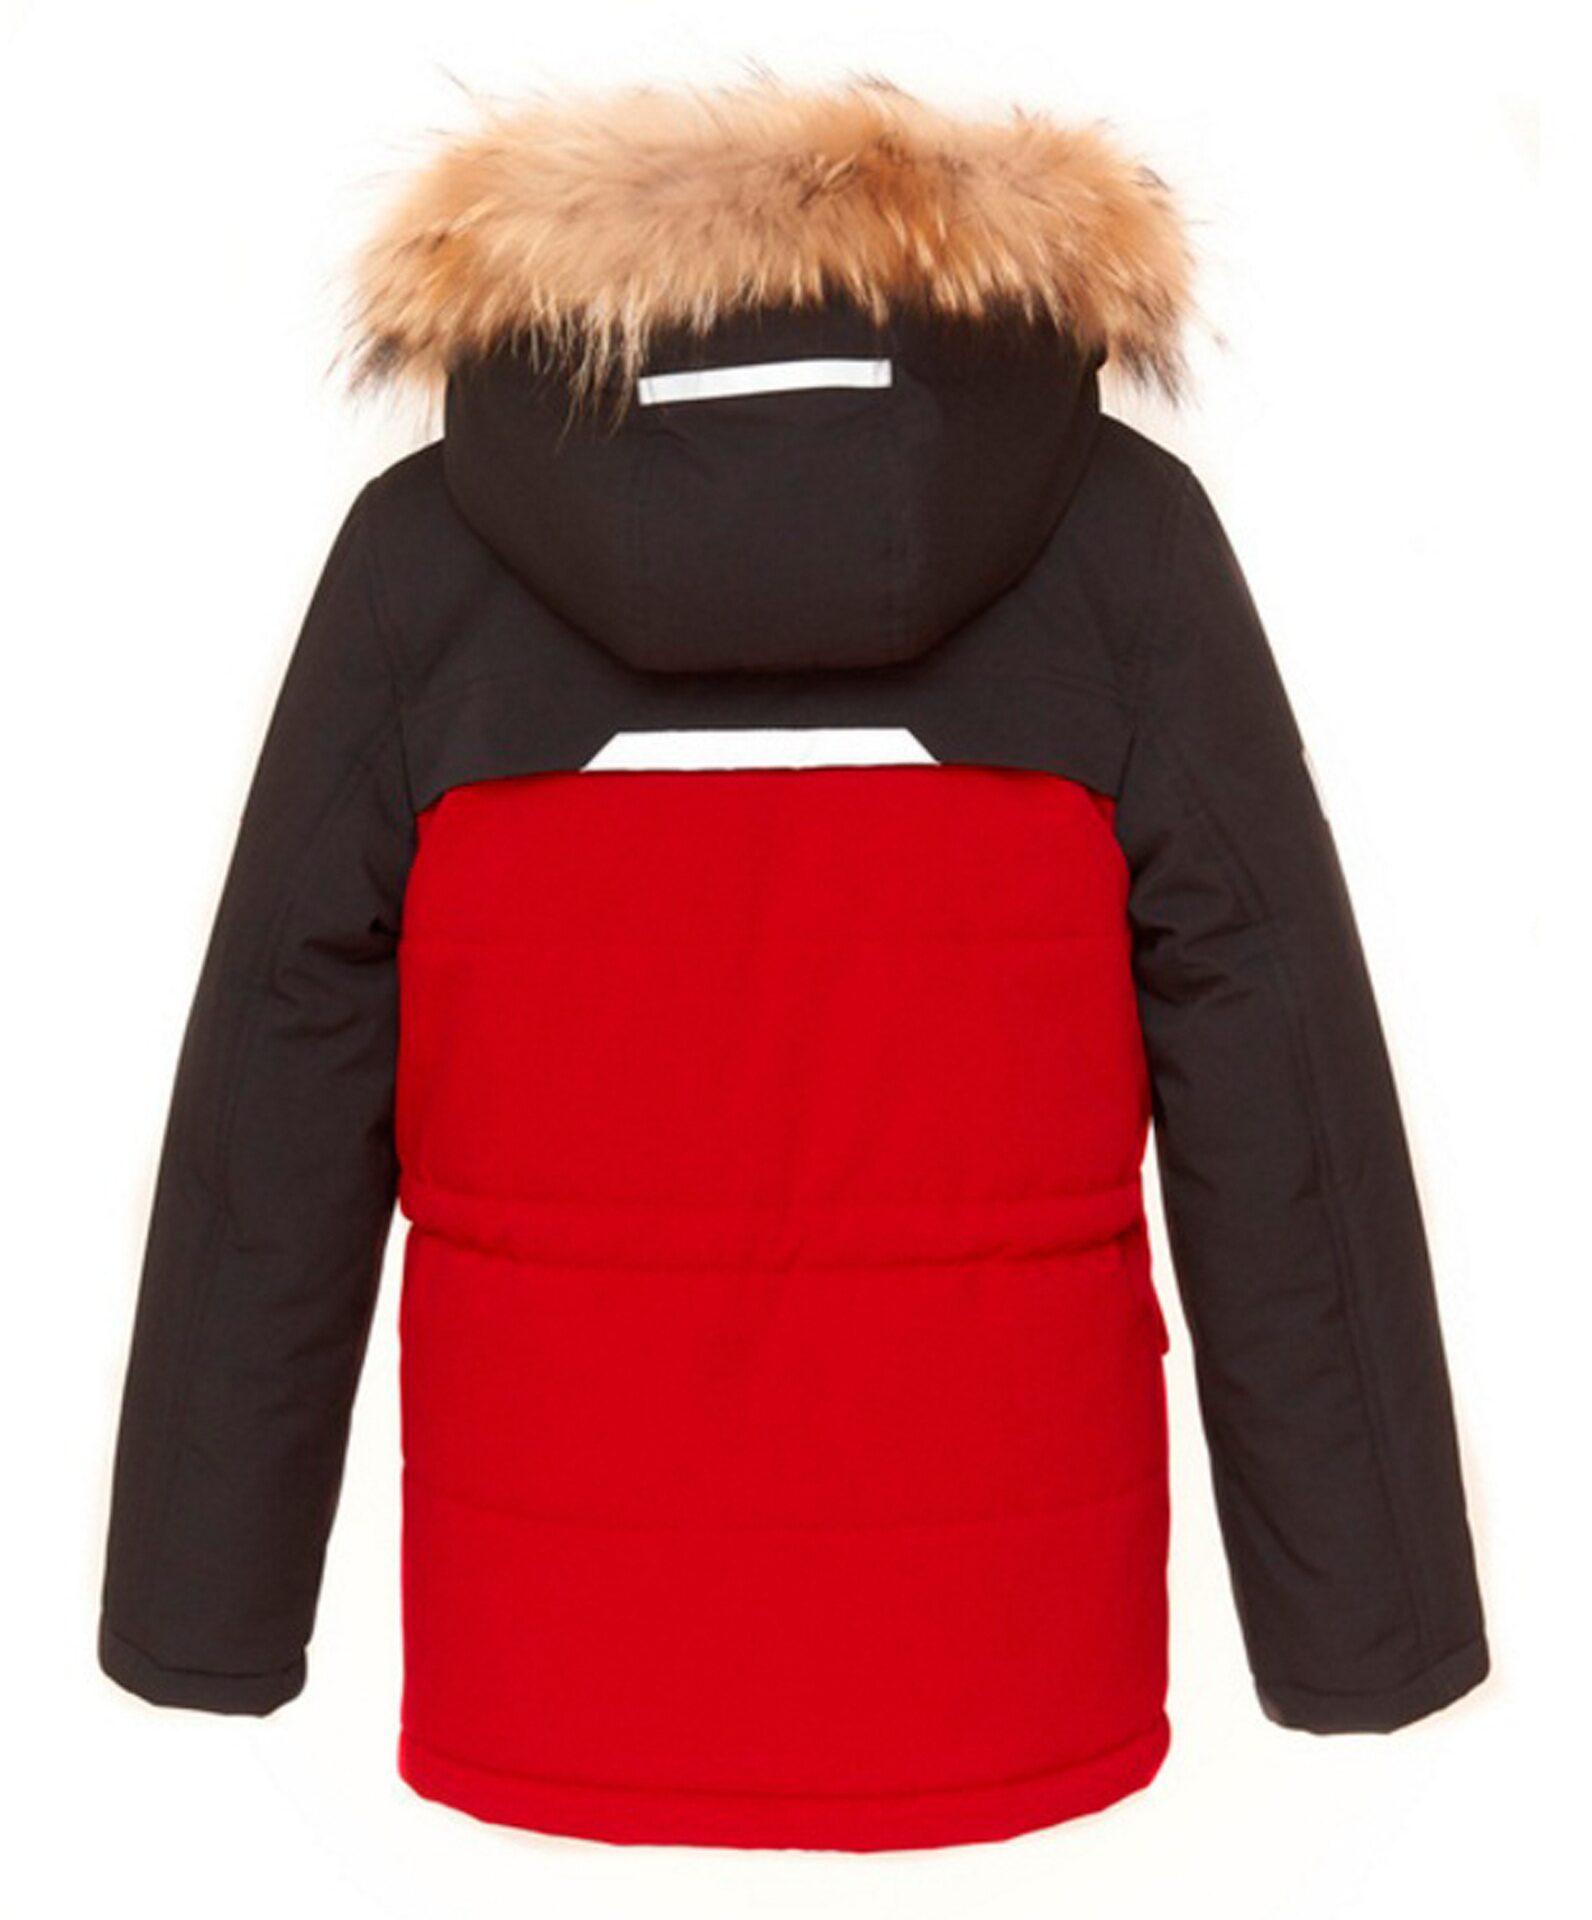 Женский зимний спортивный костюм купить в москве недорого